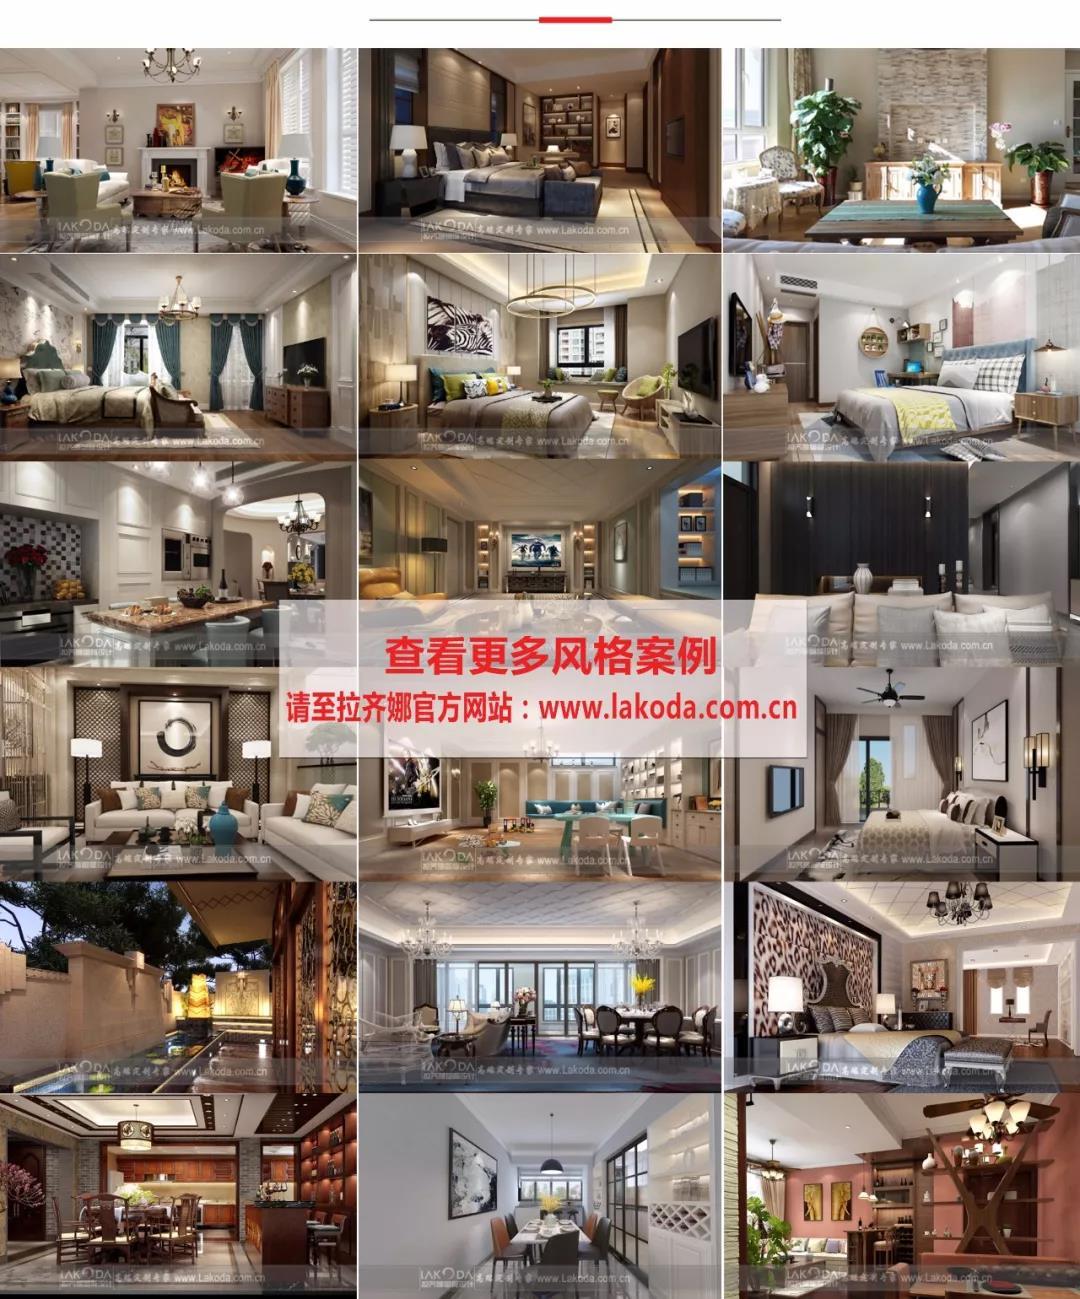 cn 拉齐娜国际设计服务号:拉齐娜国际设计 总部地址:上海市普陀区金沙